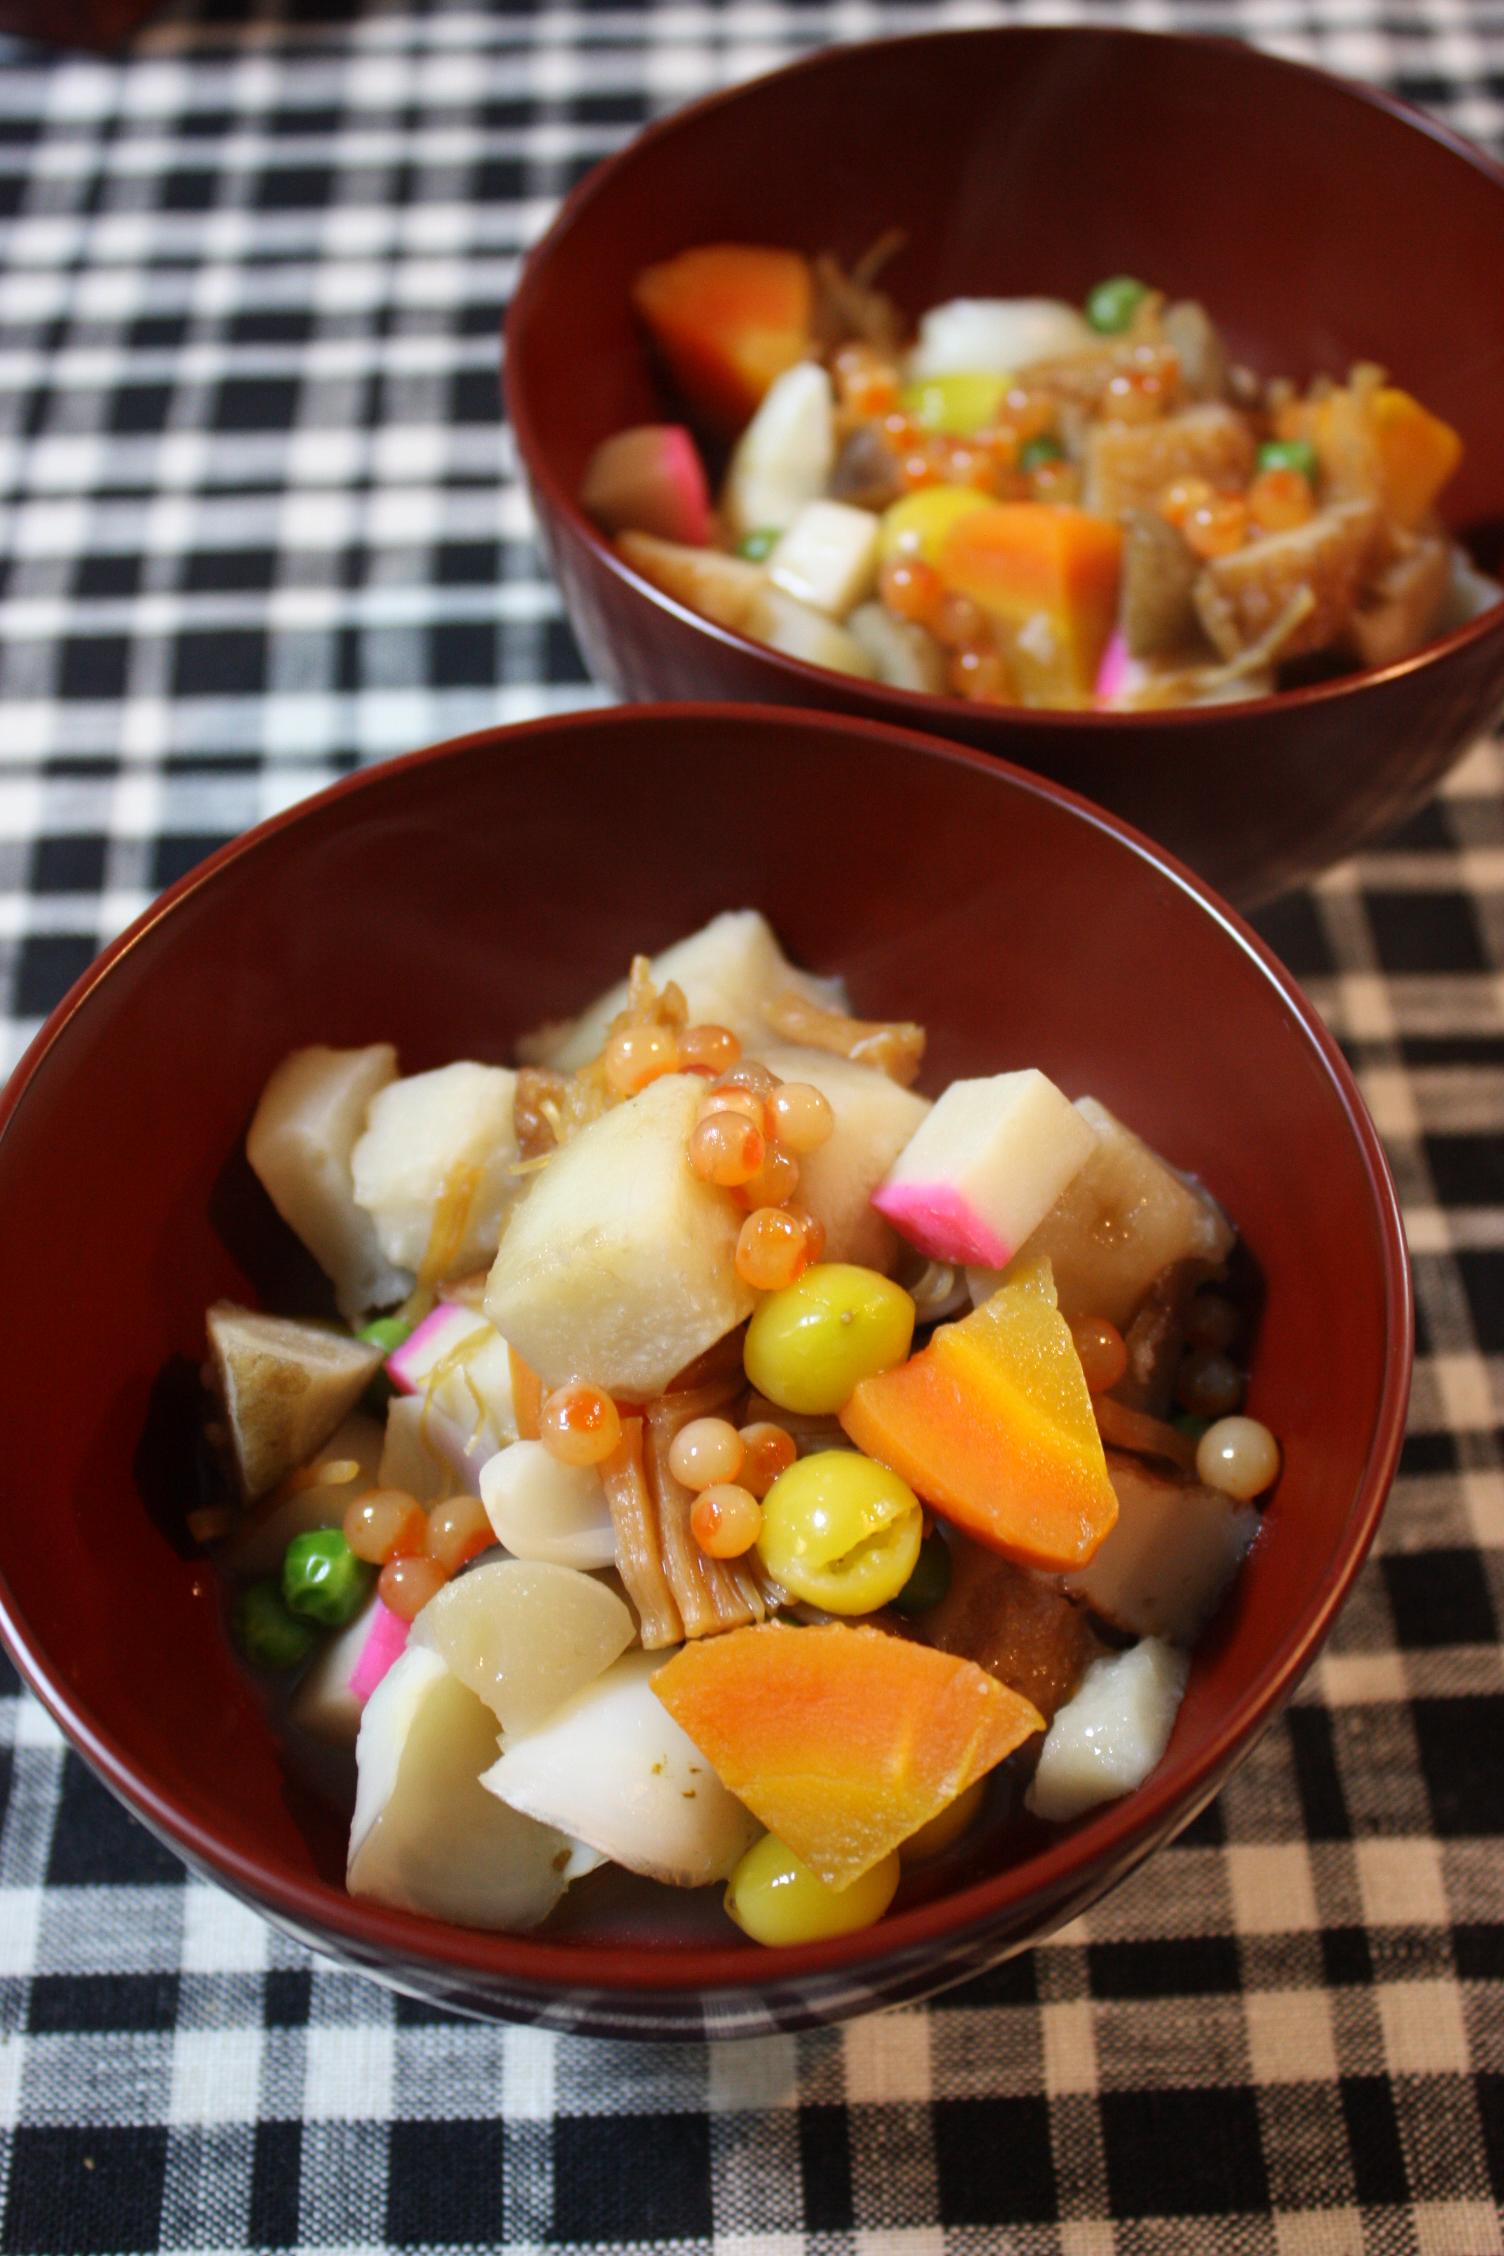 sacoche 我が家の「のっぺ」は、干し貝柱と干ししいたけのだしで、里芋、にんじん、ごぼう、こんにゃく、かまぼこやさつま揚げなどを煮ます。お正月には、ゆり根、銀杏、イクラを加えて華やかに仕上げます